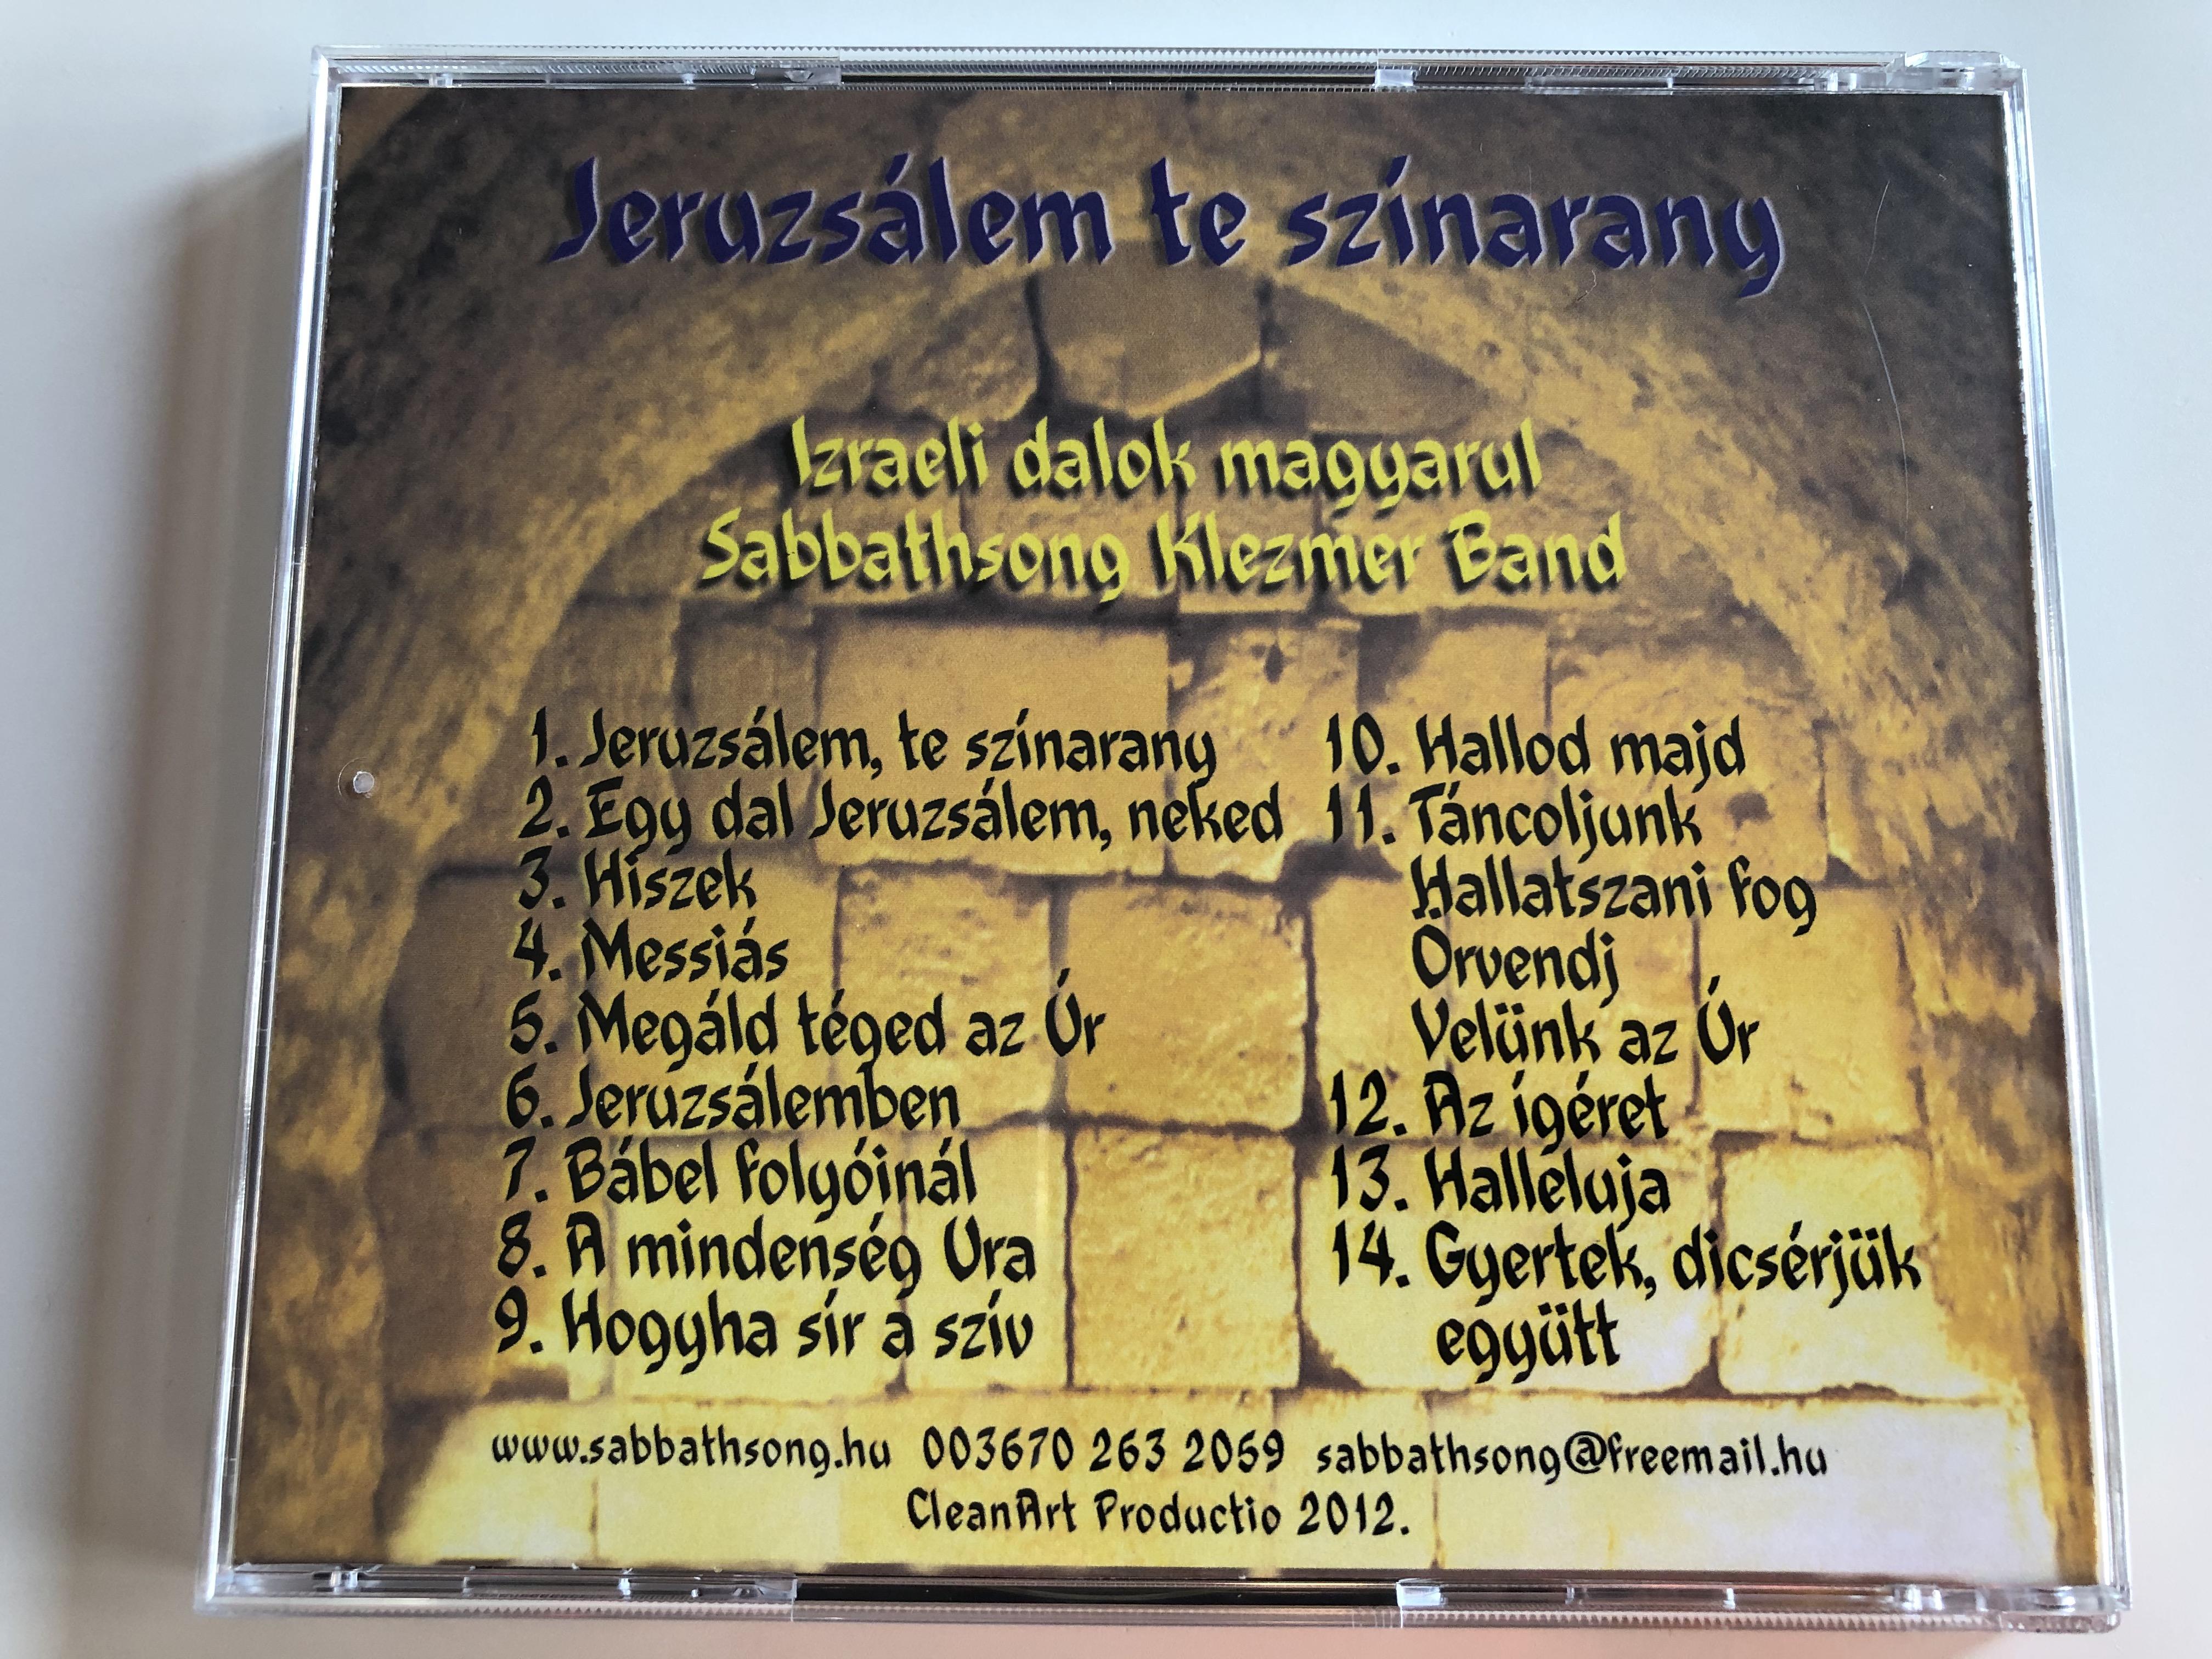 jeruzs-lem-te-sz-narany-sabbathsong-klezmer-band-5.jpg